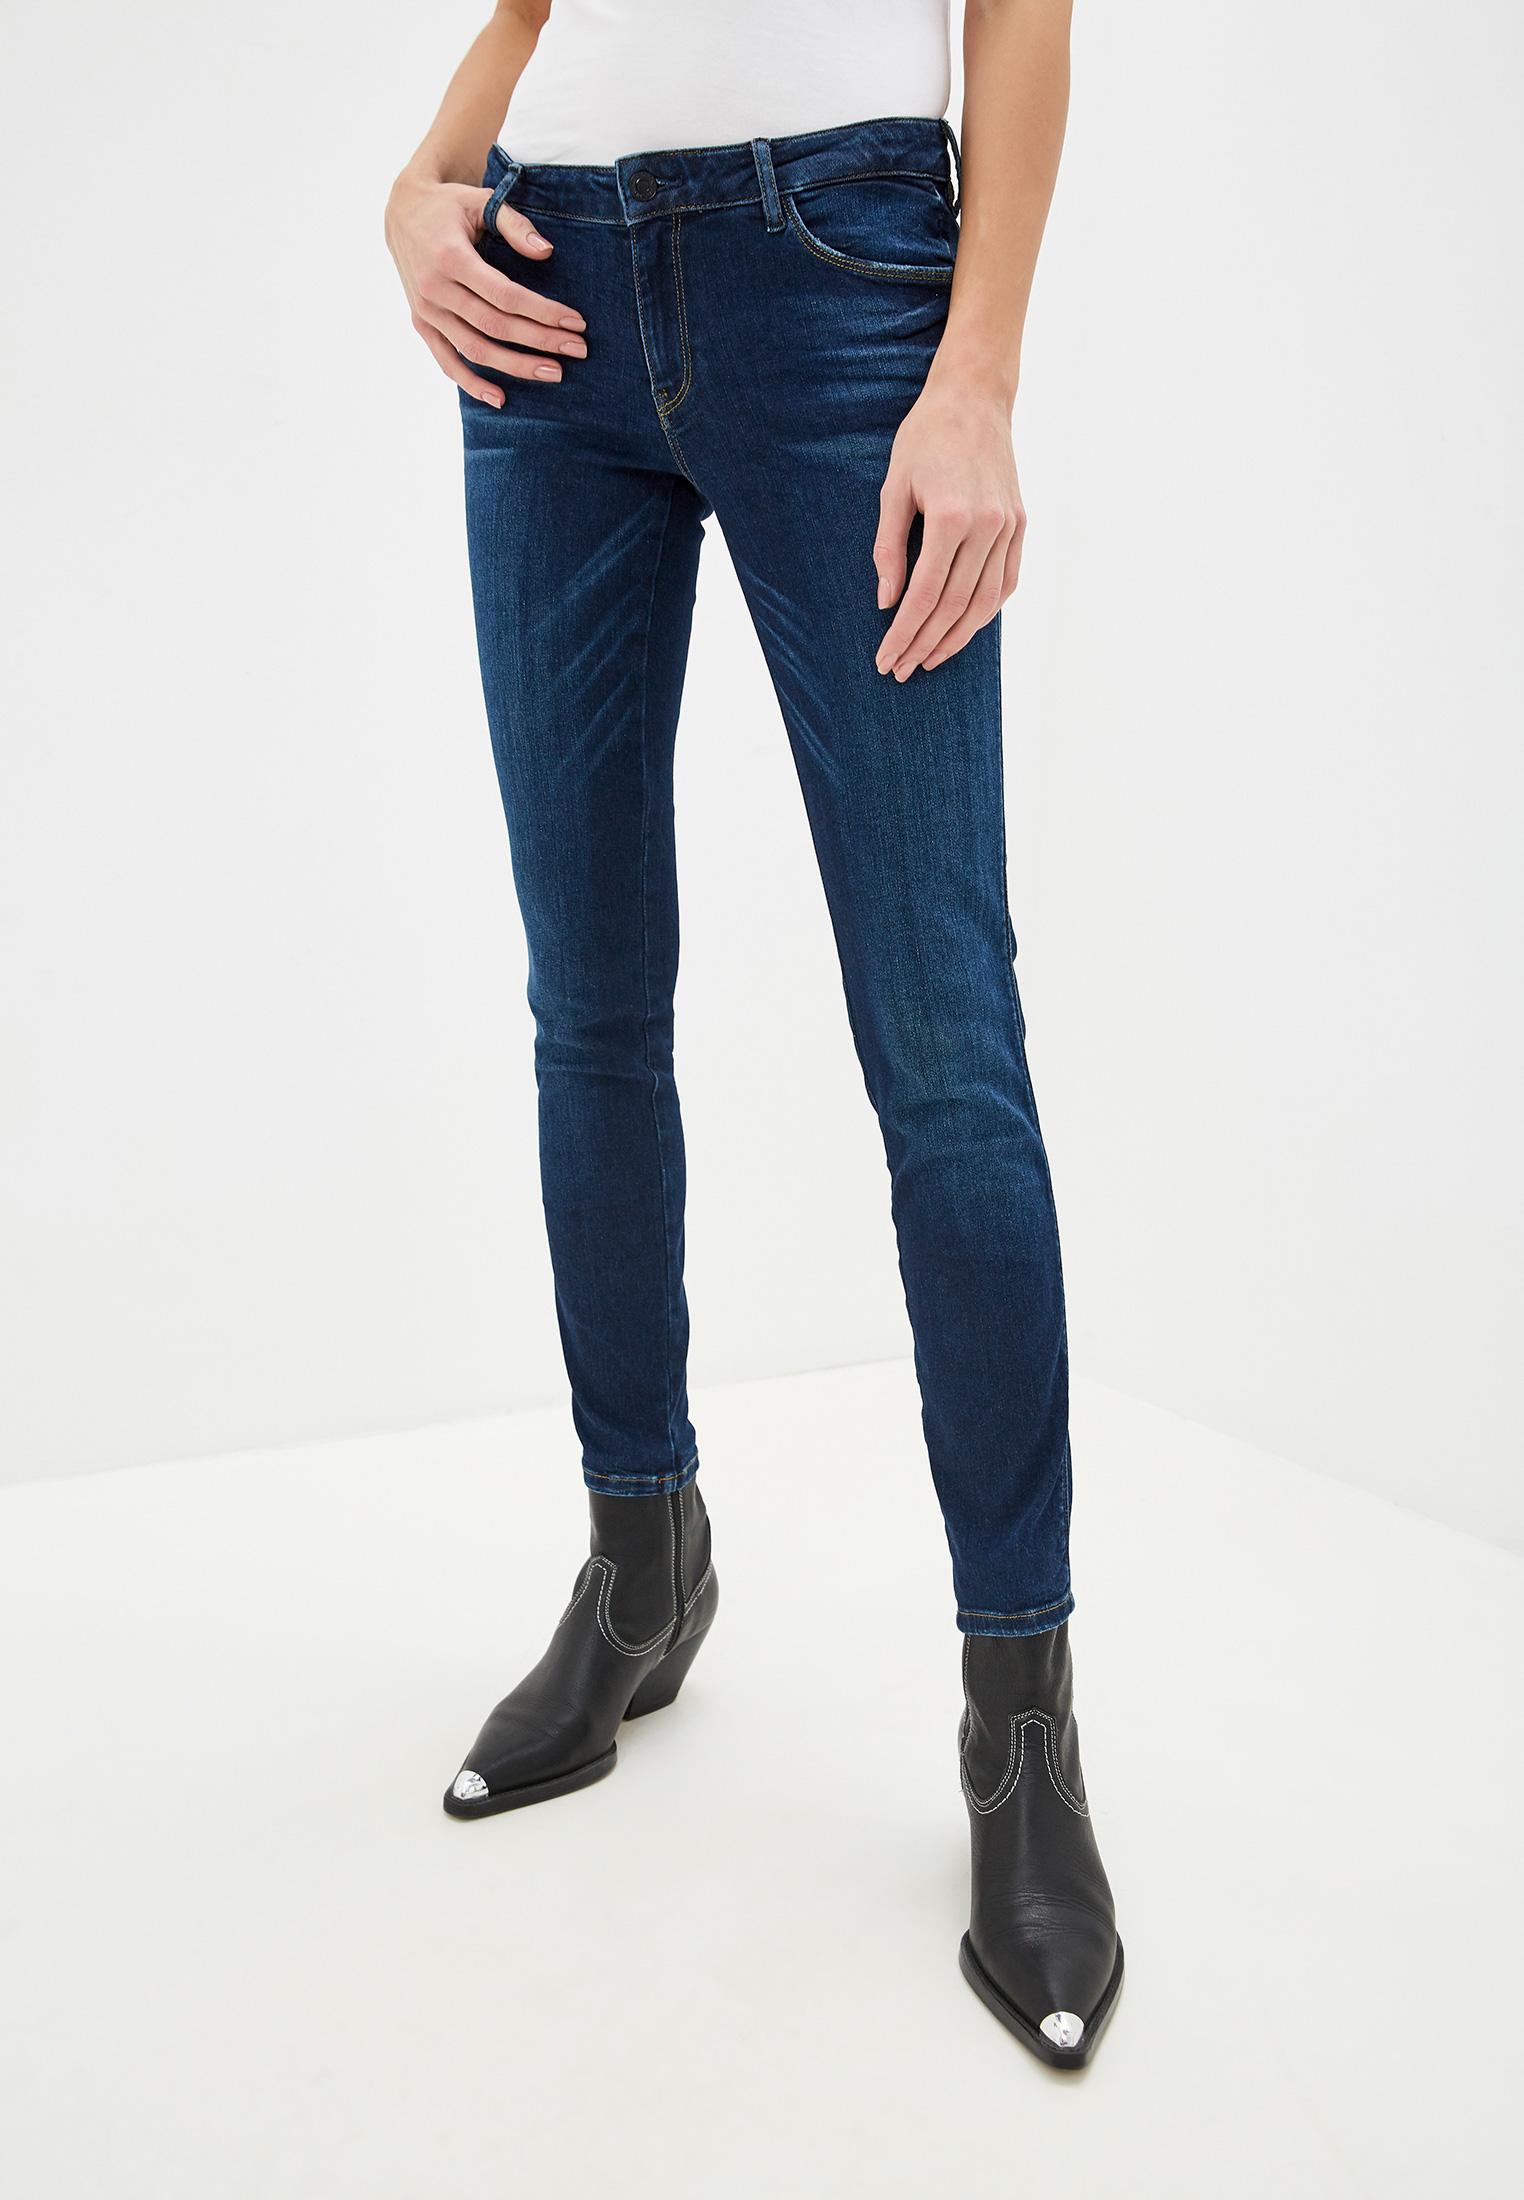 Зауженные джинсы Guess Jeans w01a37 d38r5